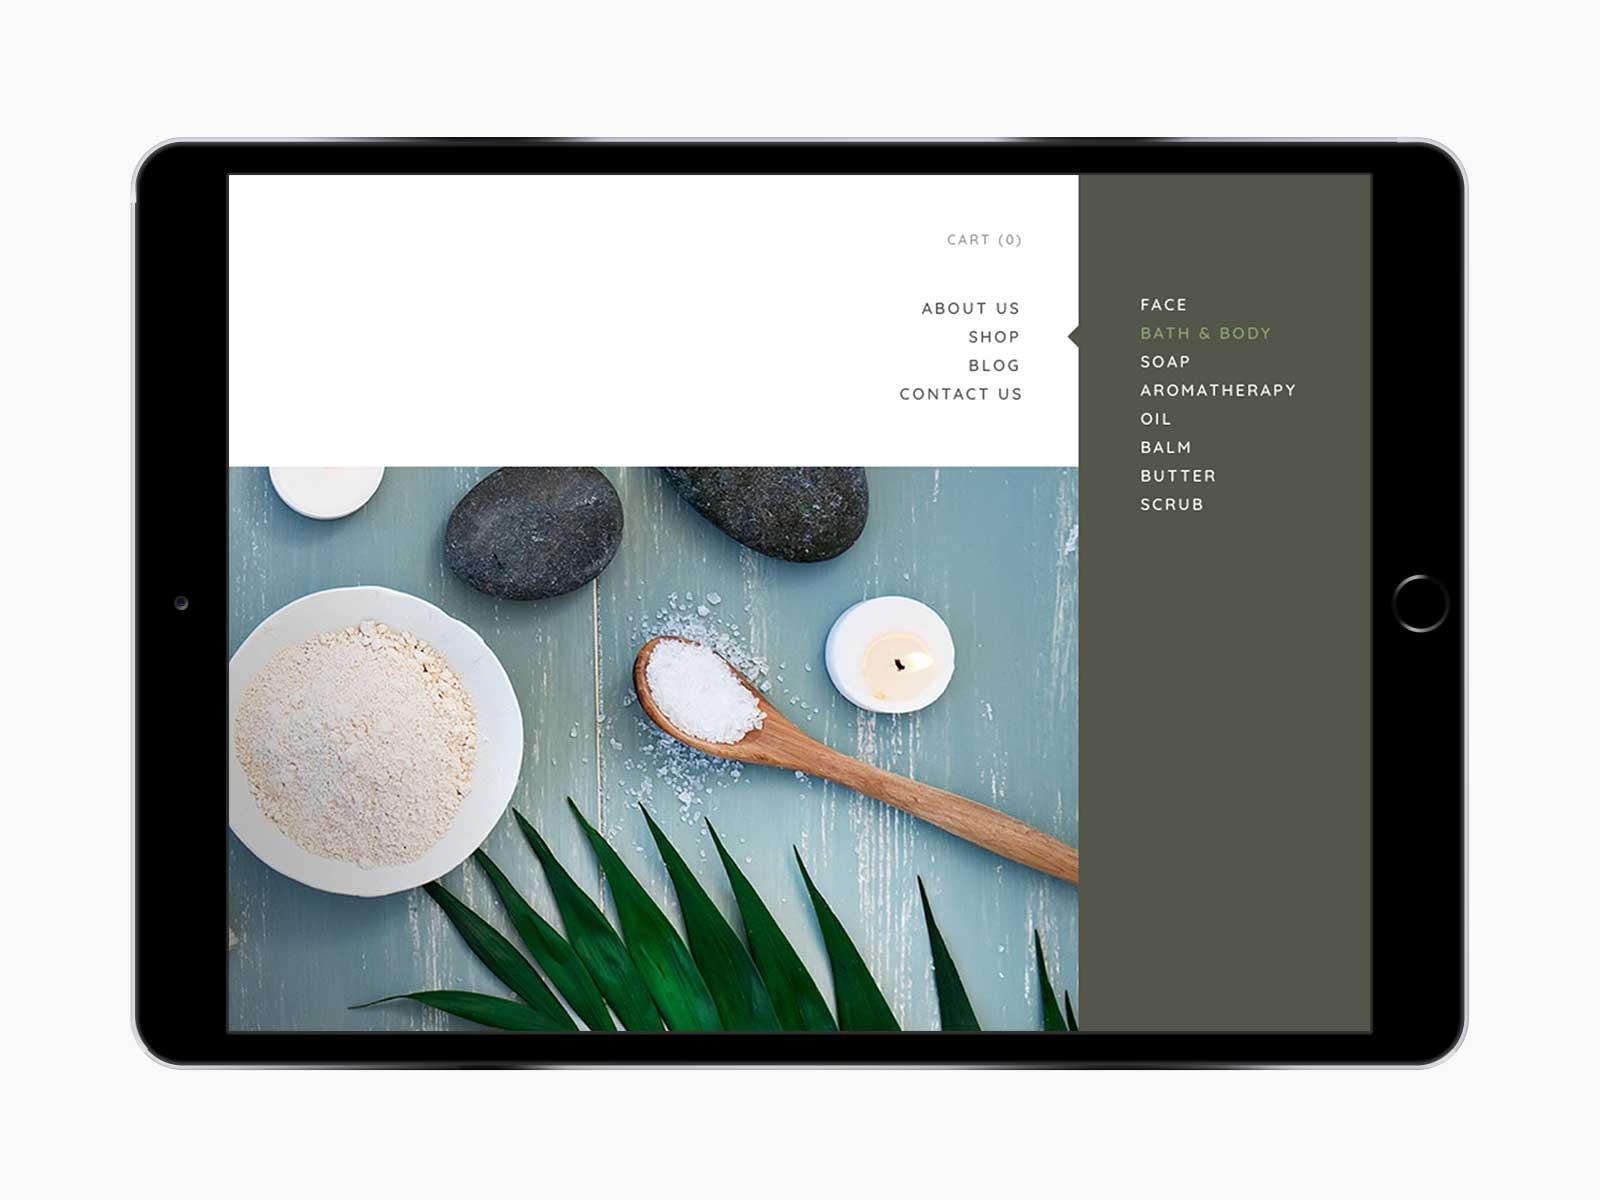 Leaf Skin Co. responsive website for navigation menu on iPad in landscape view